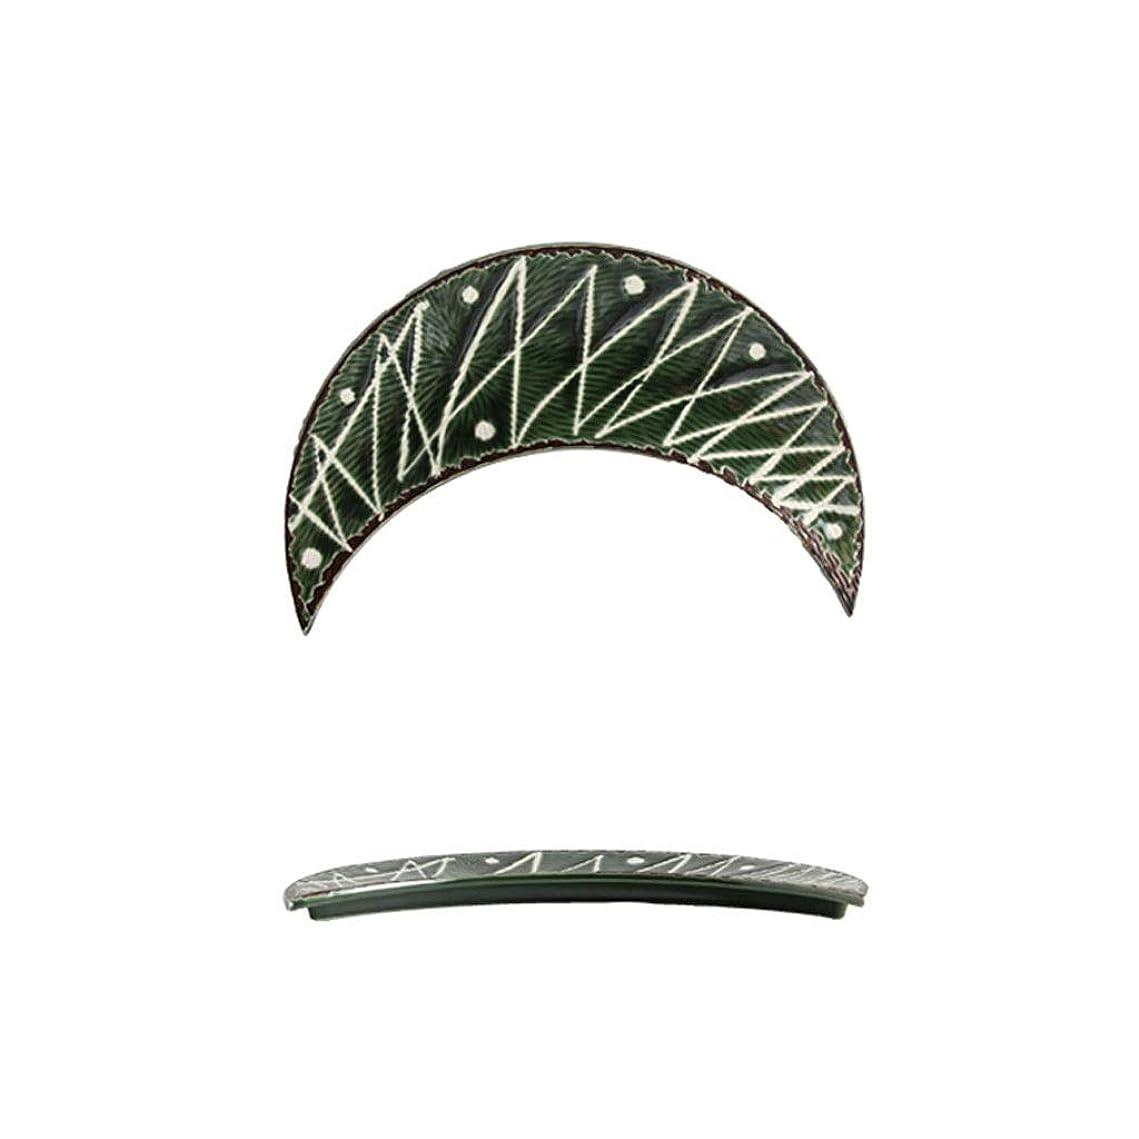 他の日マサッチョアブストラクトLXX-プレート 環境に優しい家の陶磁器の刺身料理、党のための寿司/軽食の月の版 (Color : F, サイズ : 27x10.5x4cm)